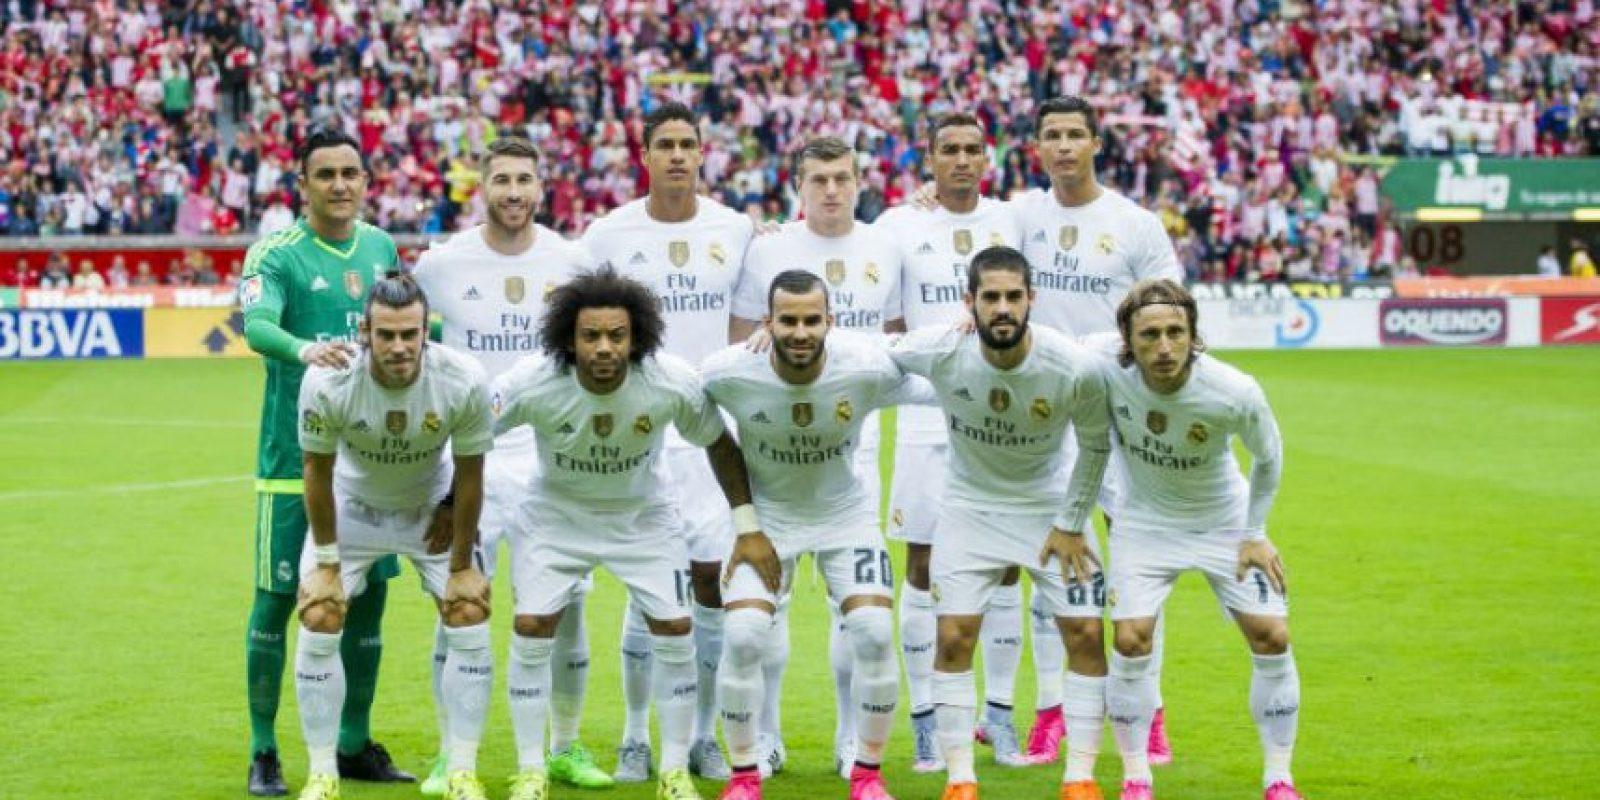 En el Grupo A, Real Madrid está marcado como favorito Foto:Getty Images